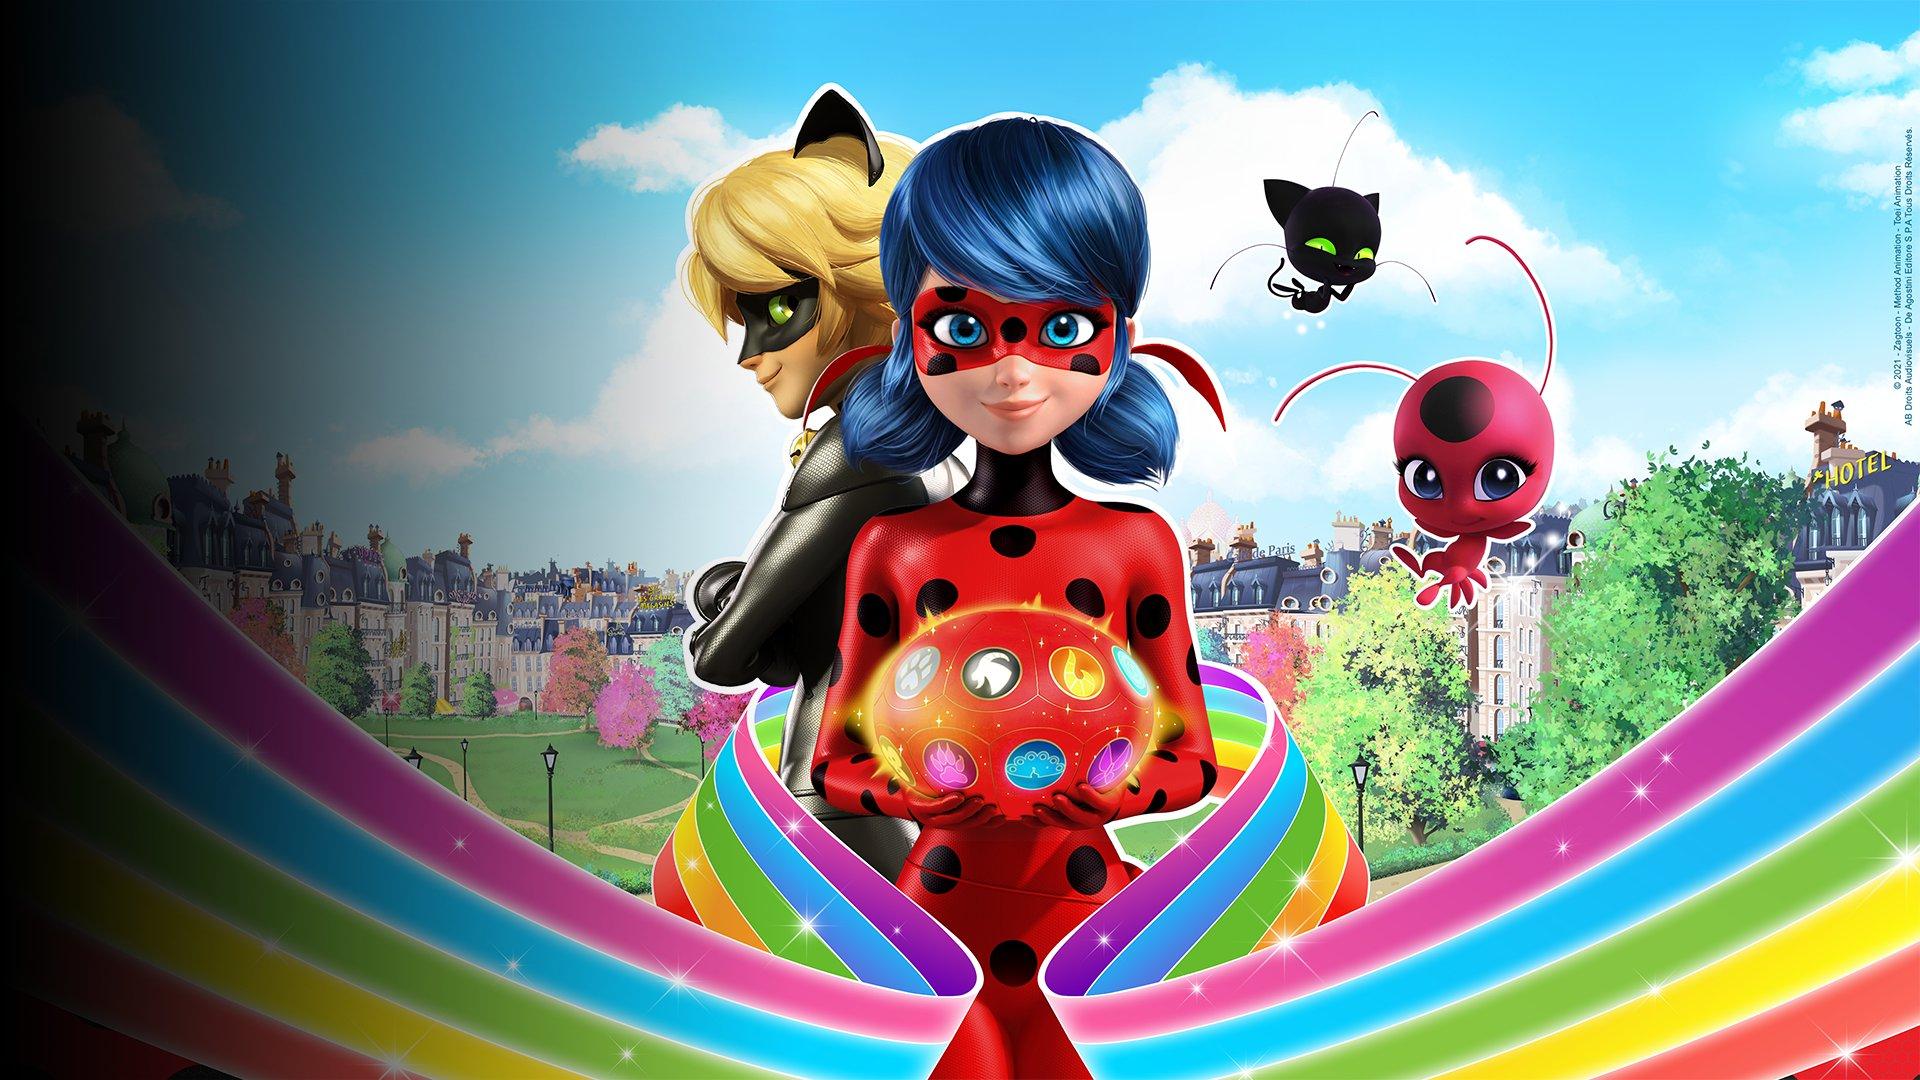 fond Miraculous - Les aventures de Ladybug et Chat Noir - Animaestro - extrait